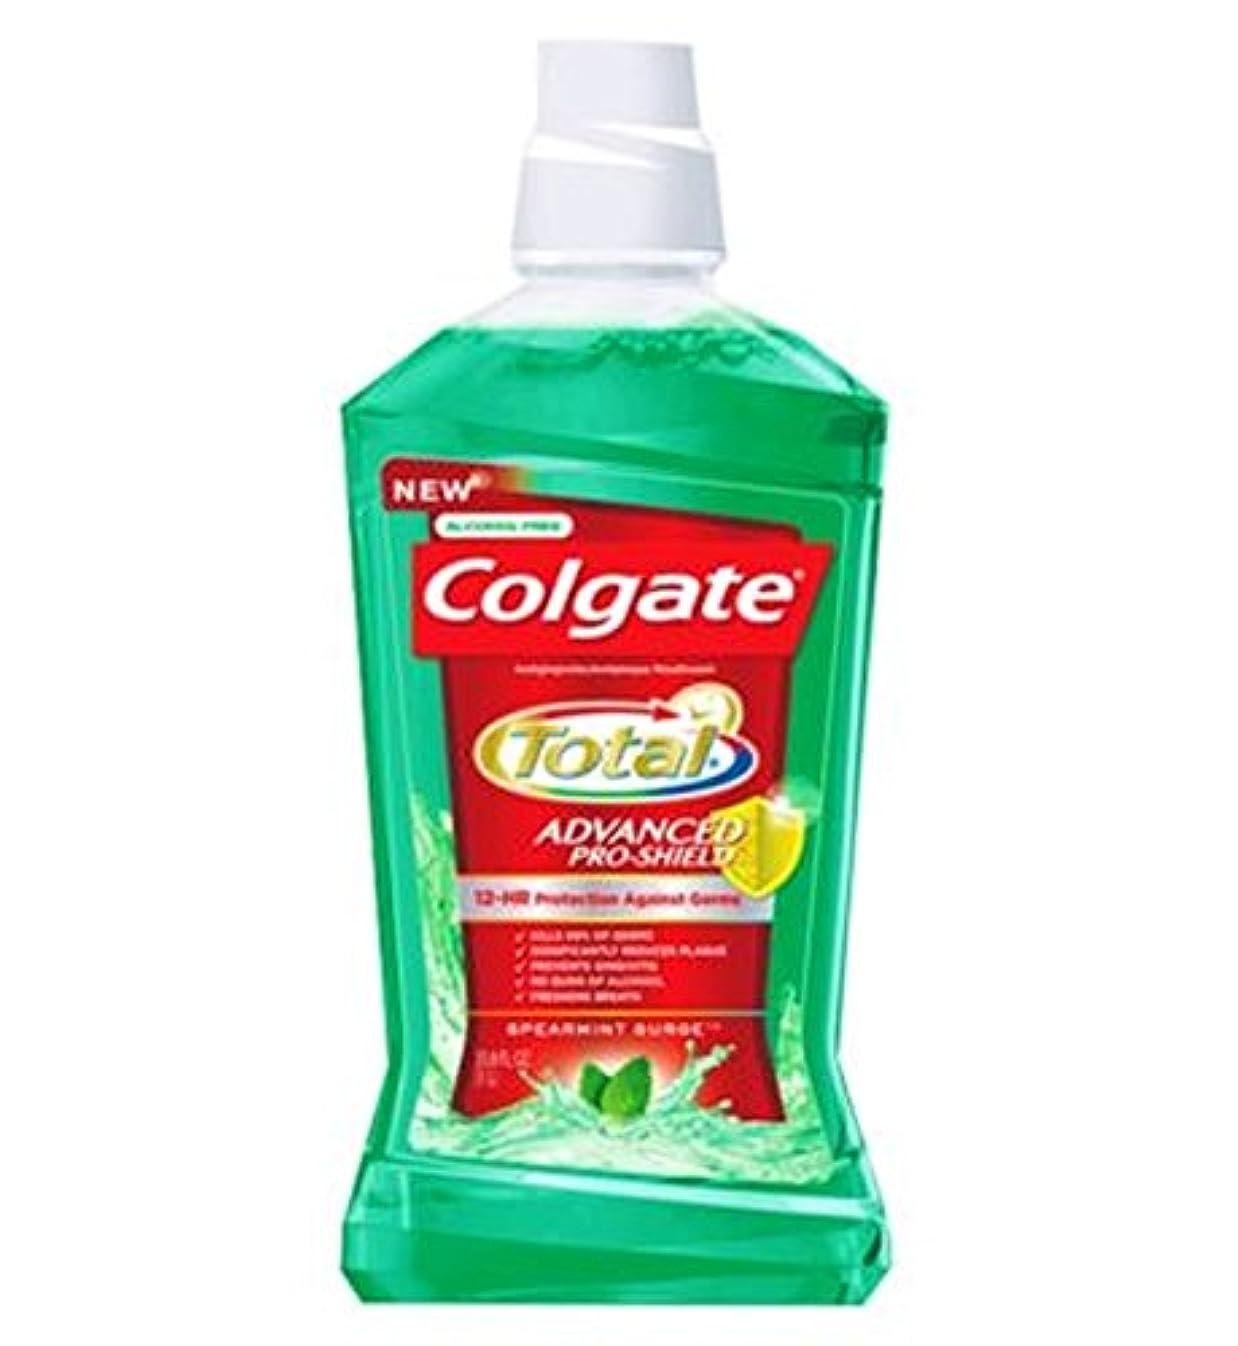 虫逆に法医学Colgate Mouthrinse Total Green 500ml - コルゲートの口内洗浄剤の合計緑500ミリリットル (Colgate) [並行輸入品]